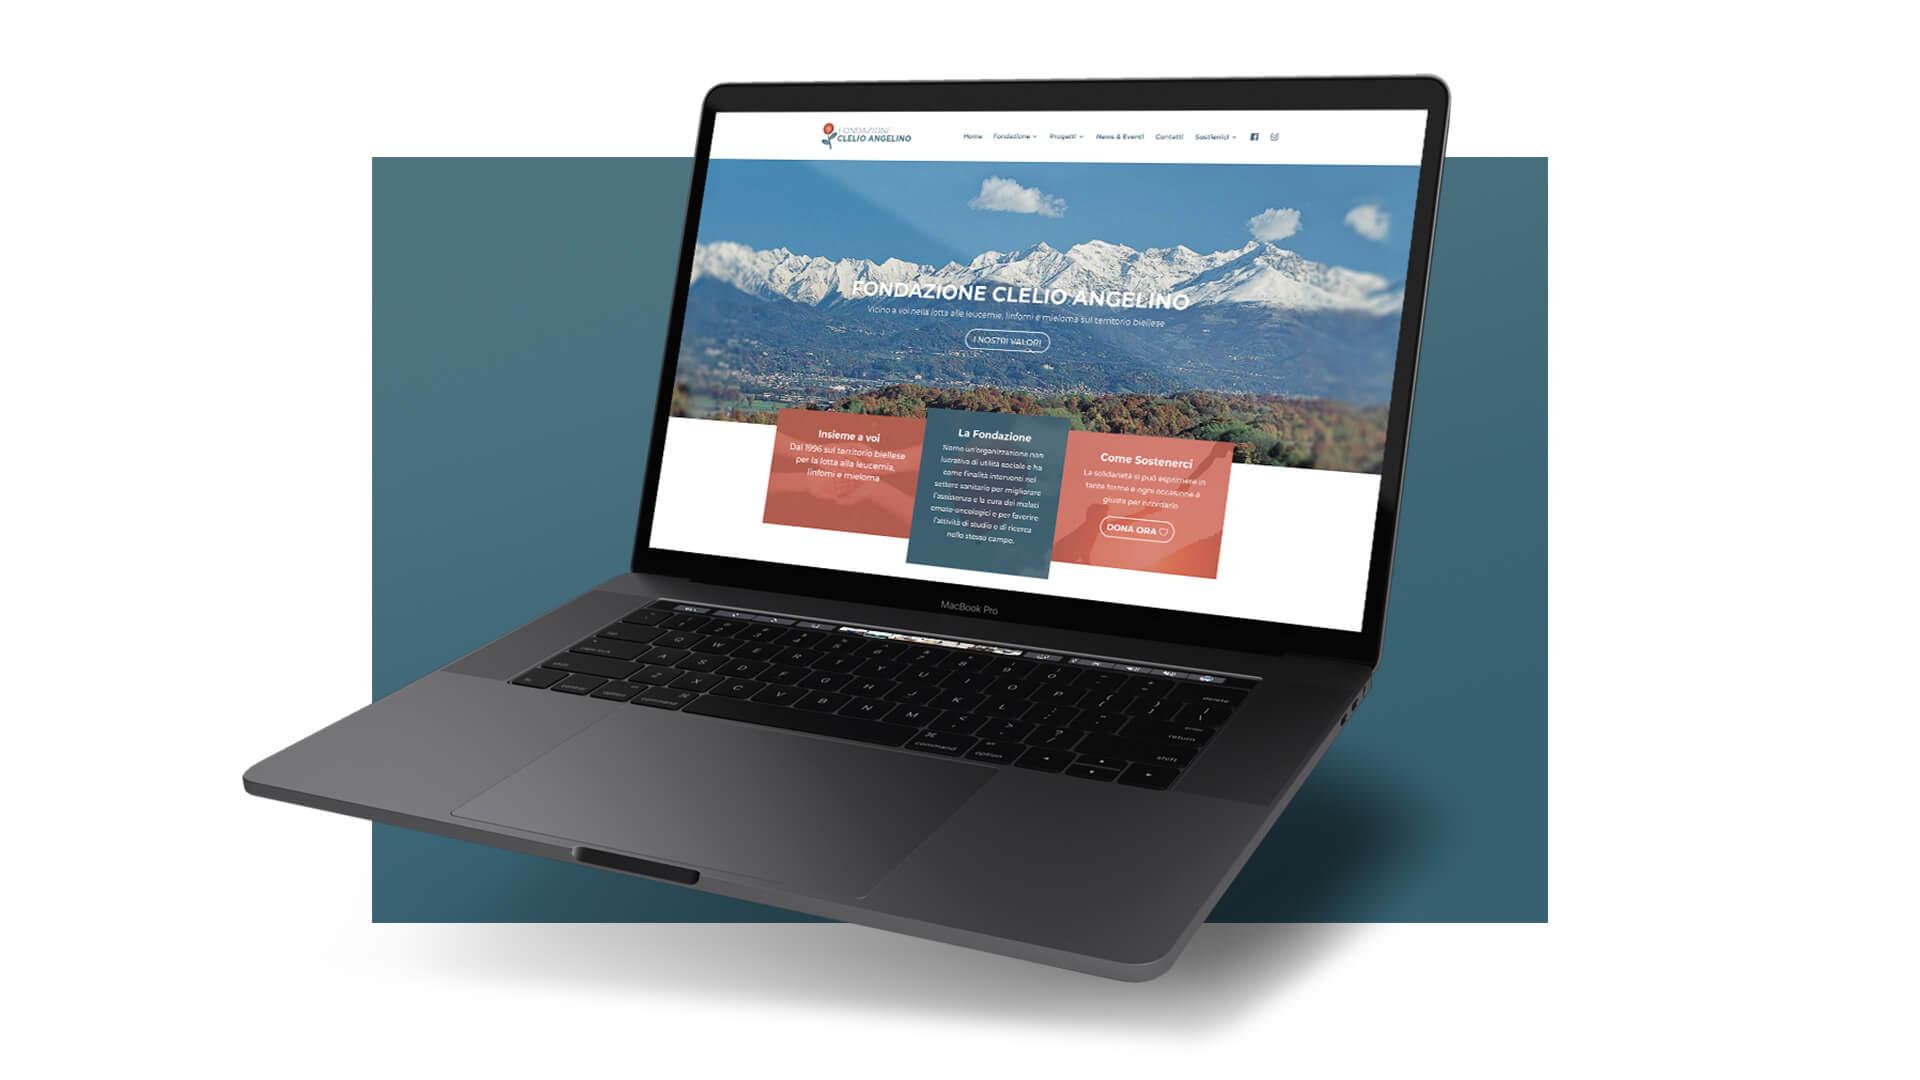 Sito Fondazione Angelino - Home Page